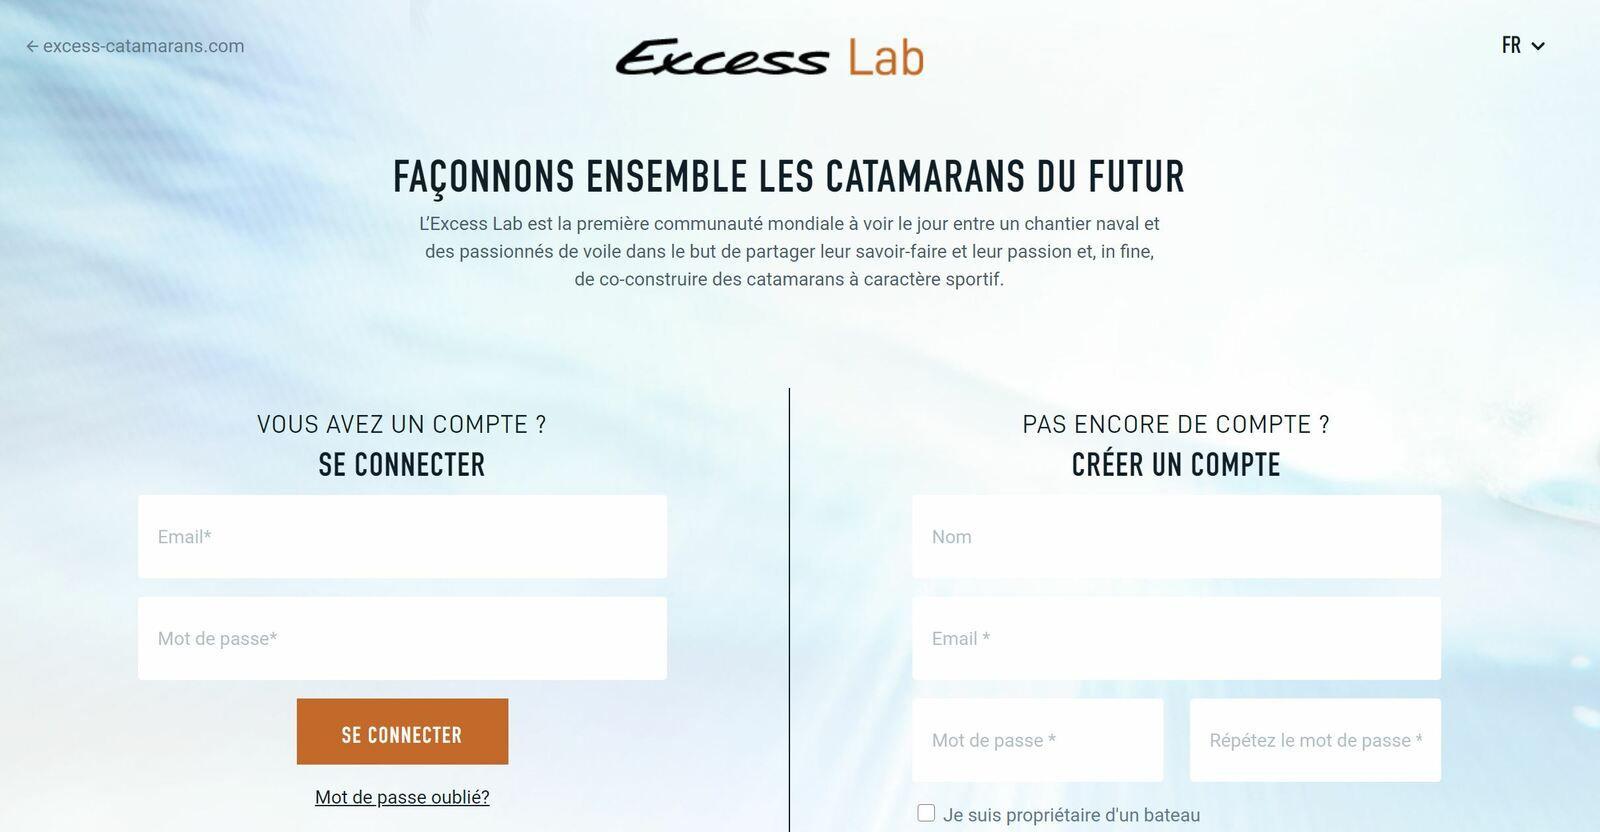 Excess Catamarans - l'Excess Lab est ouvert, pour discuter des futurs catamarans de la marque